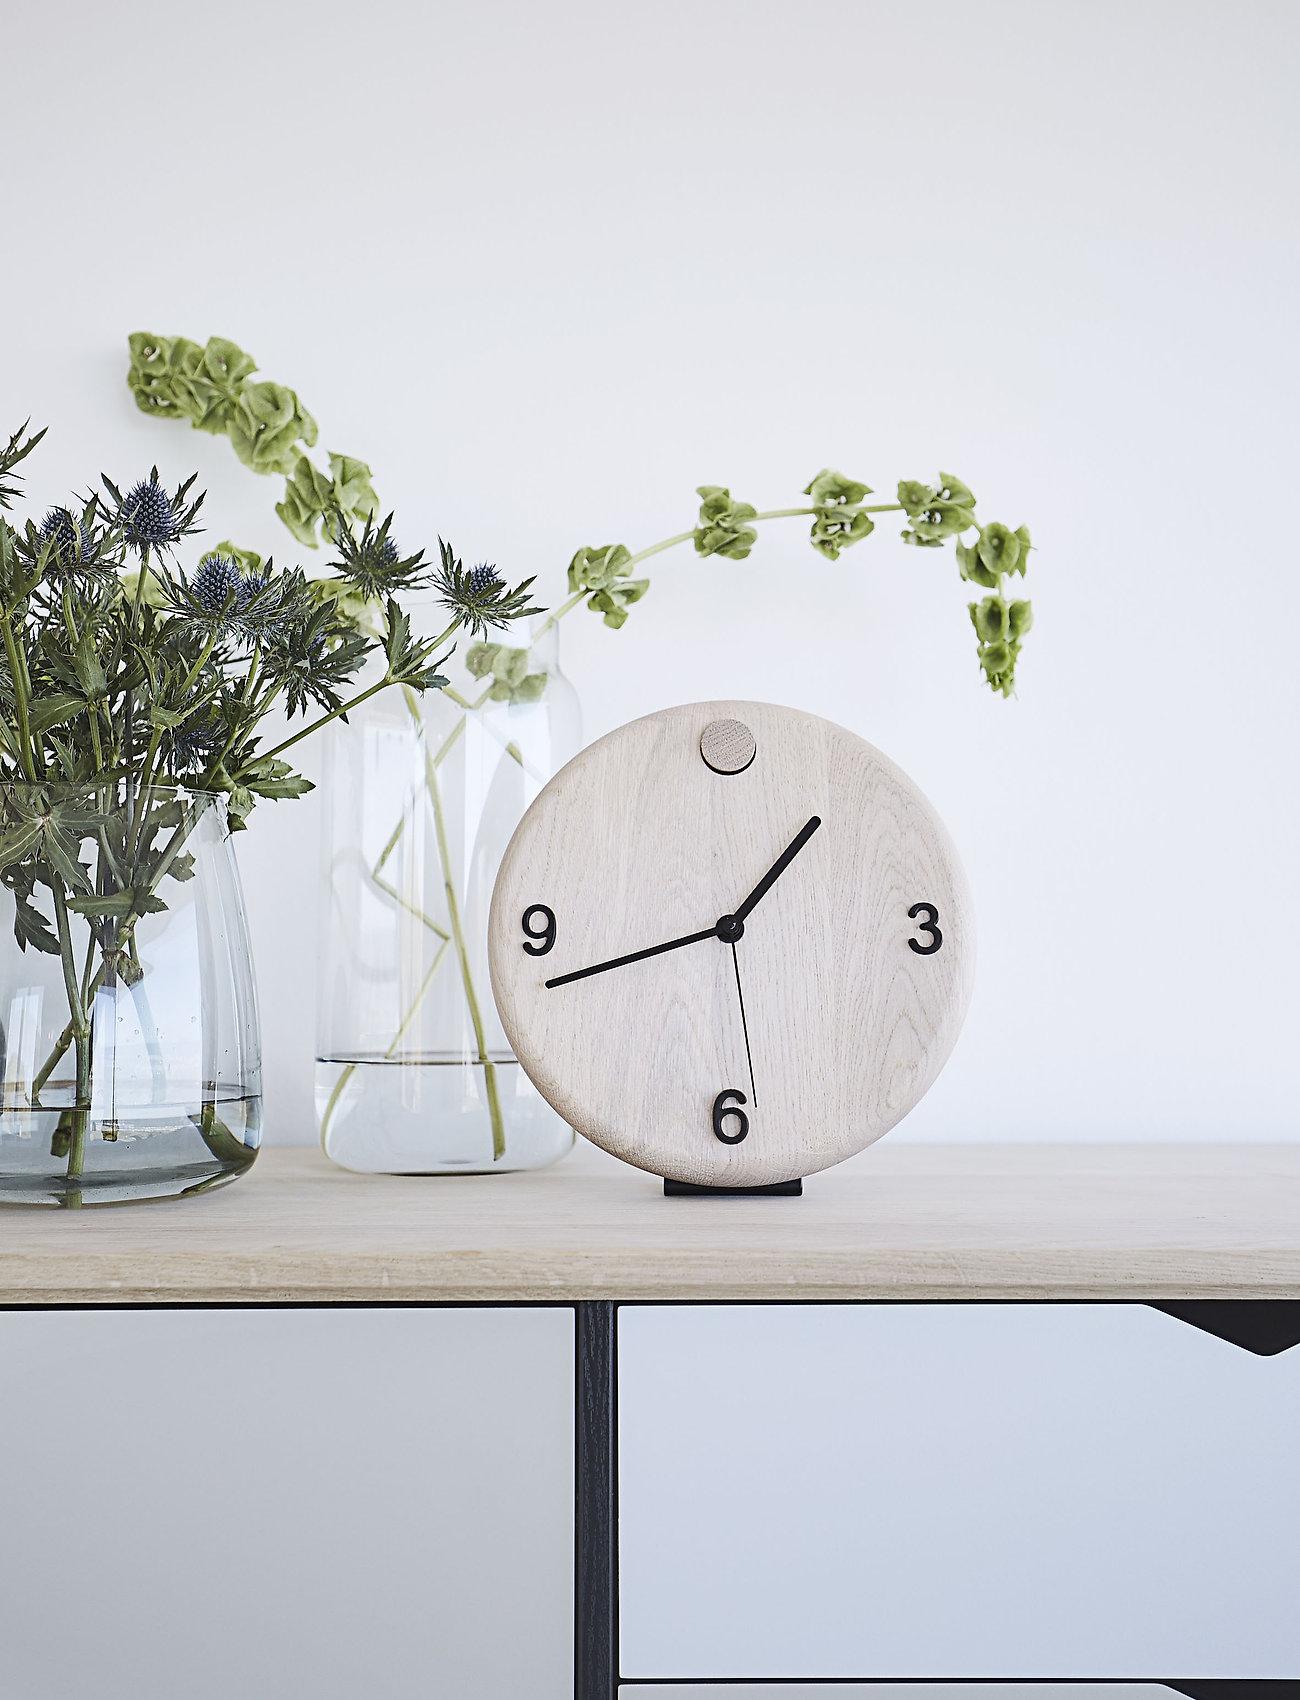 Andersen Furniture - Wood Time - bordklokker - no color - 1